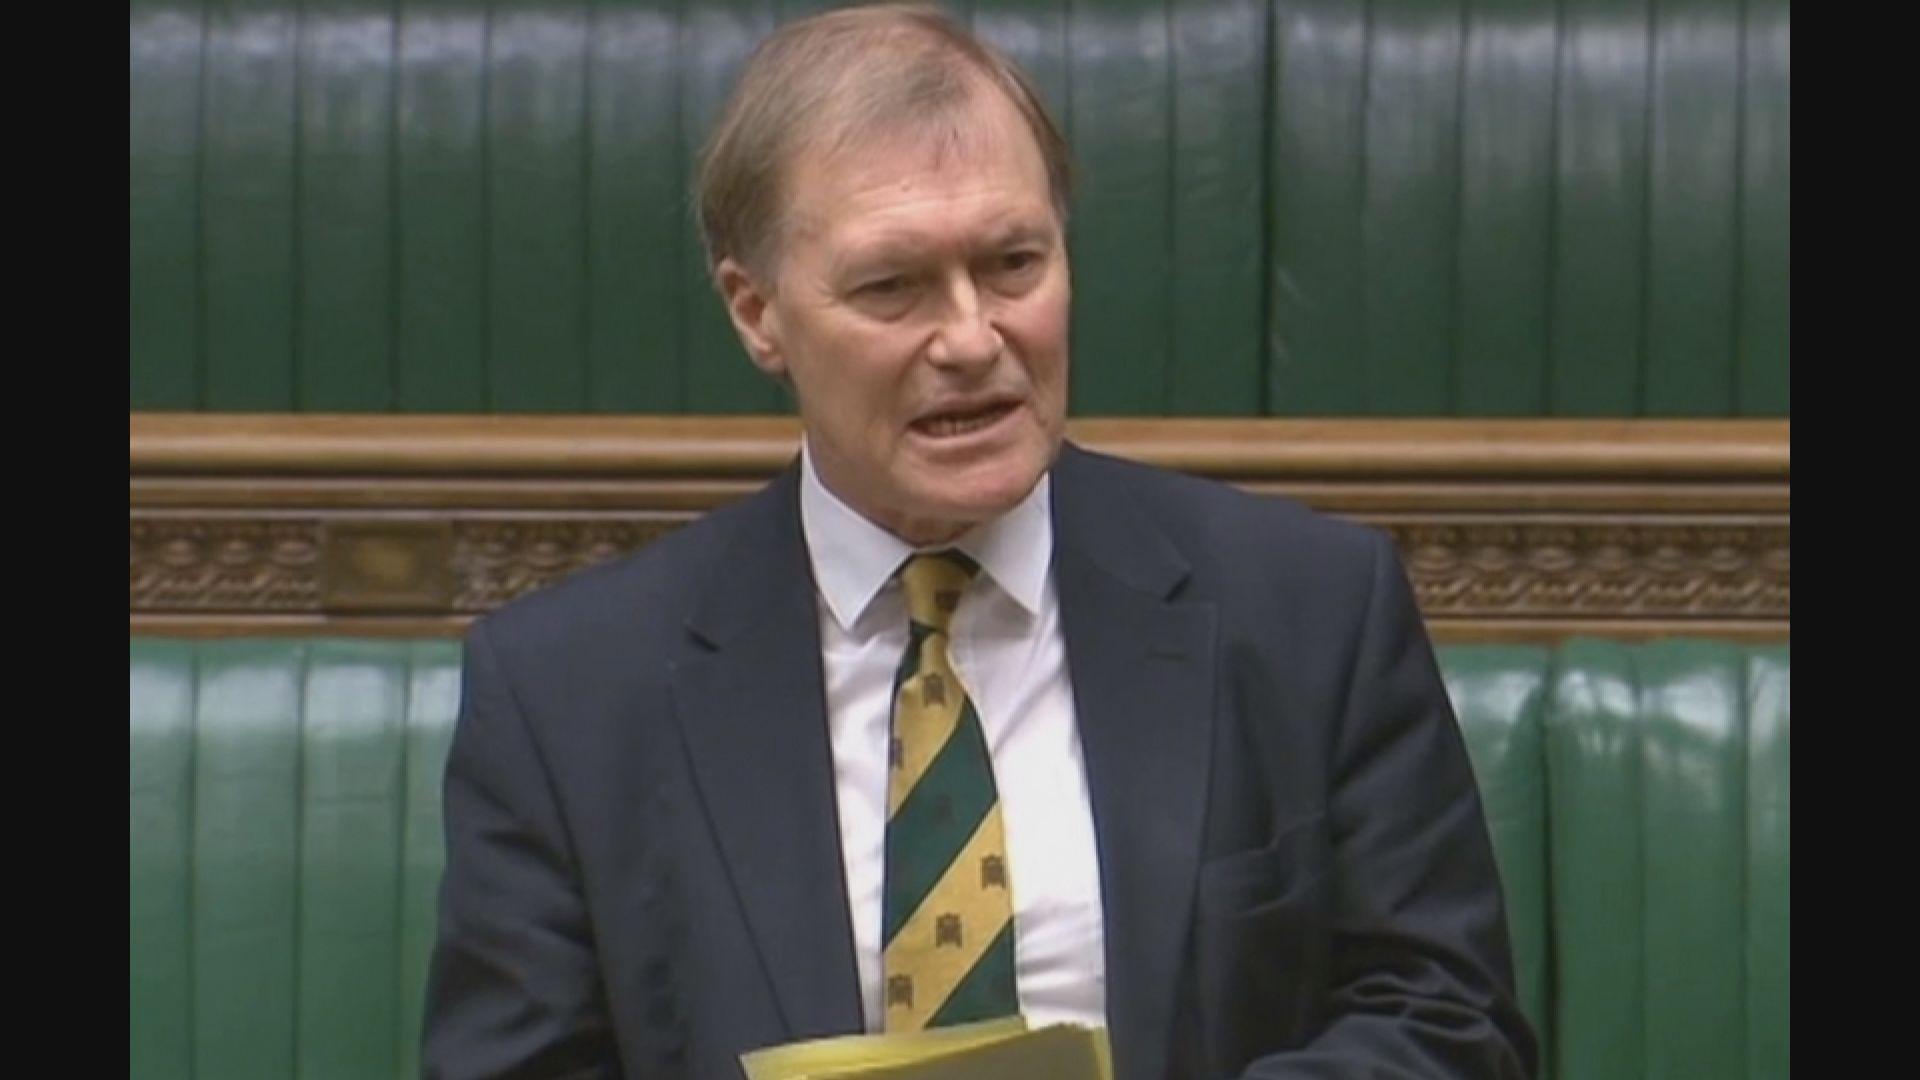 英國會議員遭人連刺多刀身亡